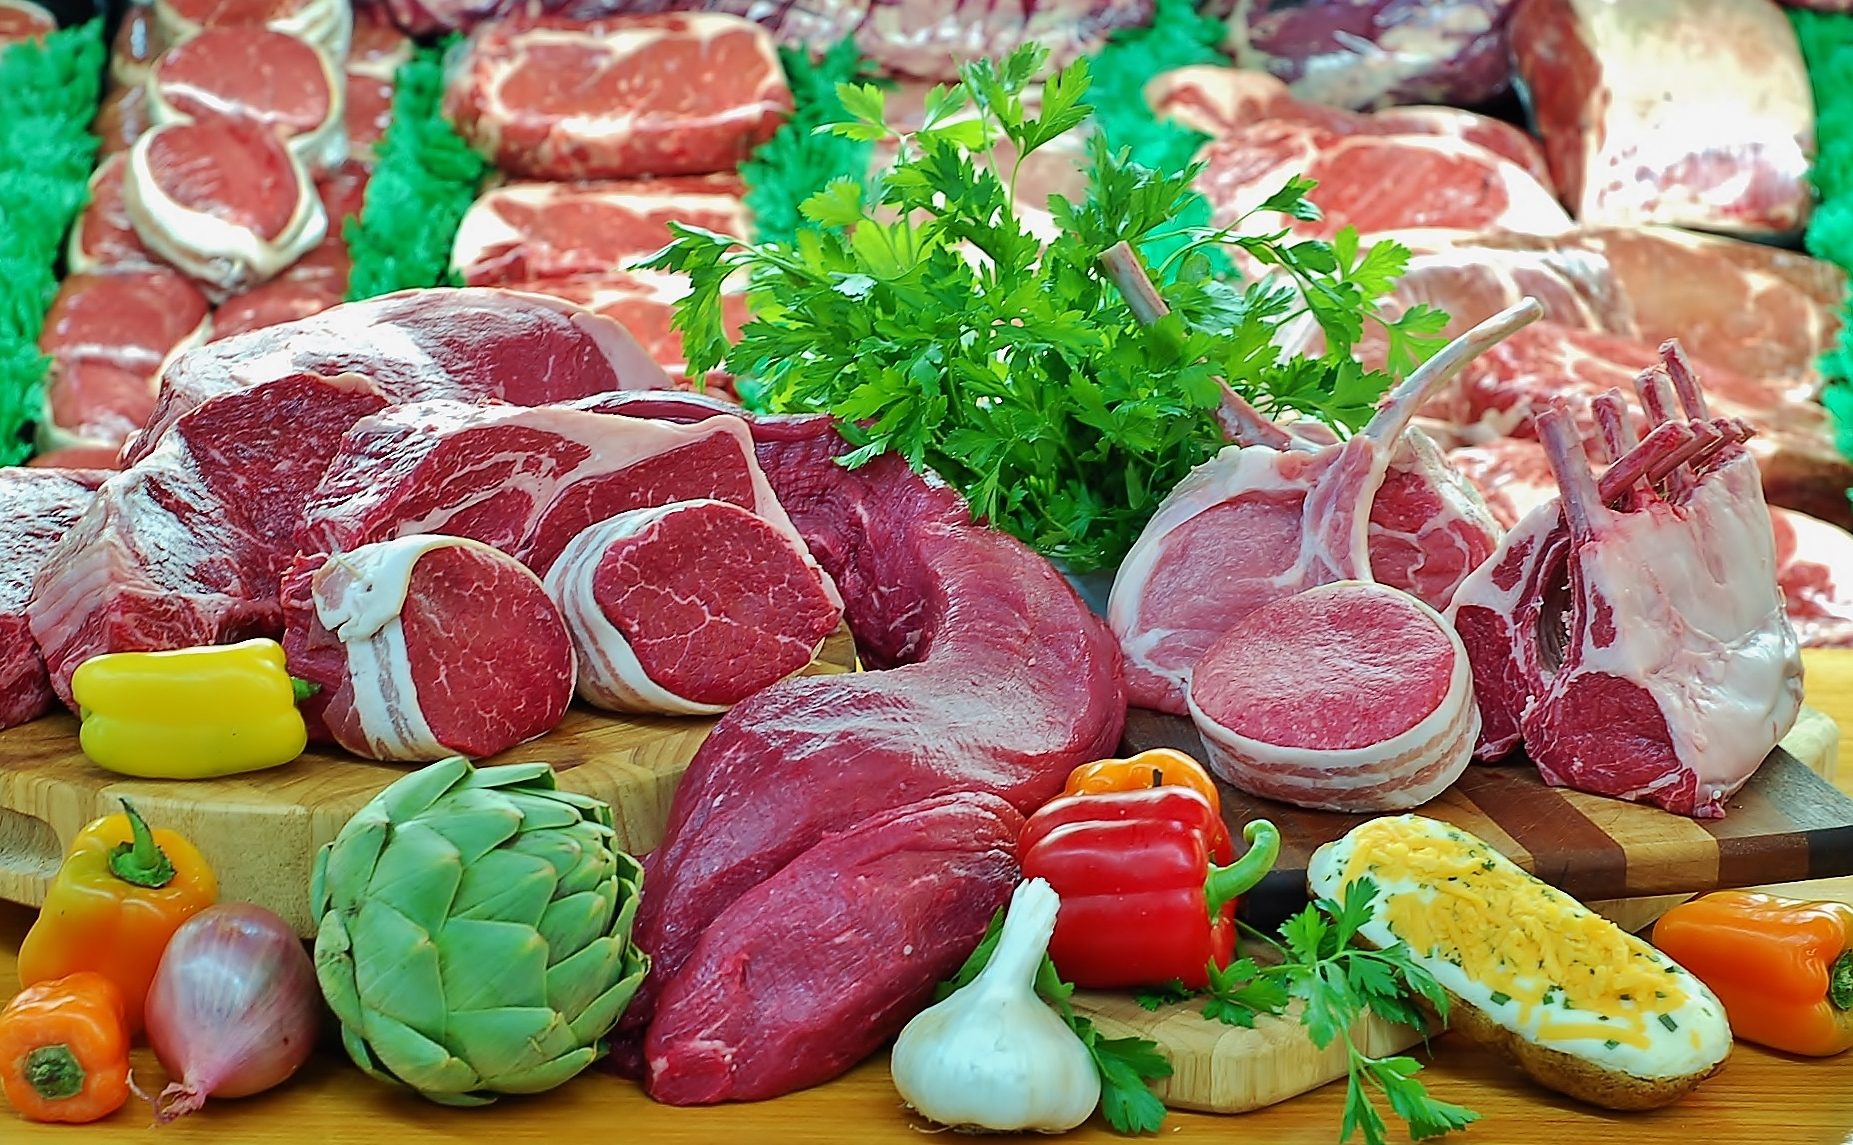 Meat Department Butler & Bailey Market